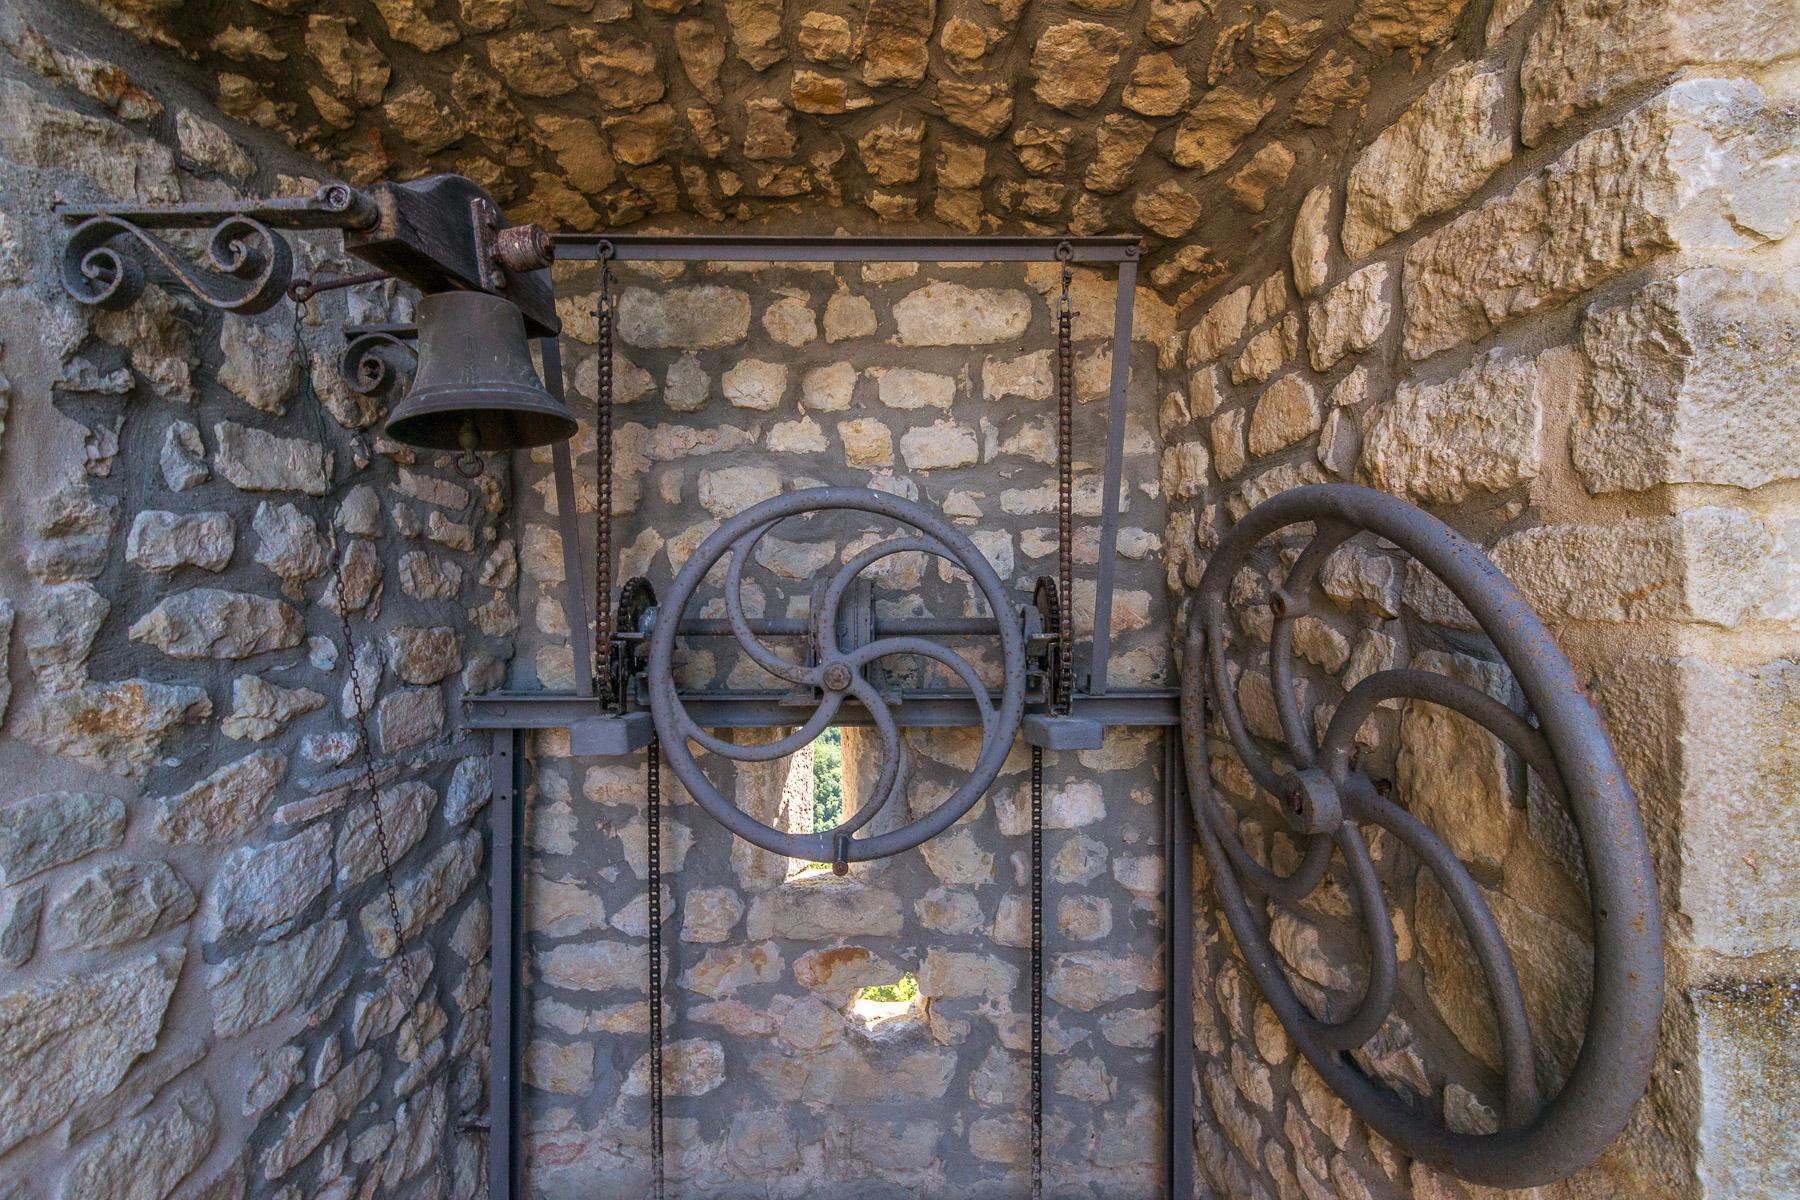 雄伟的Ormala城堡 - 15